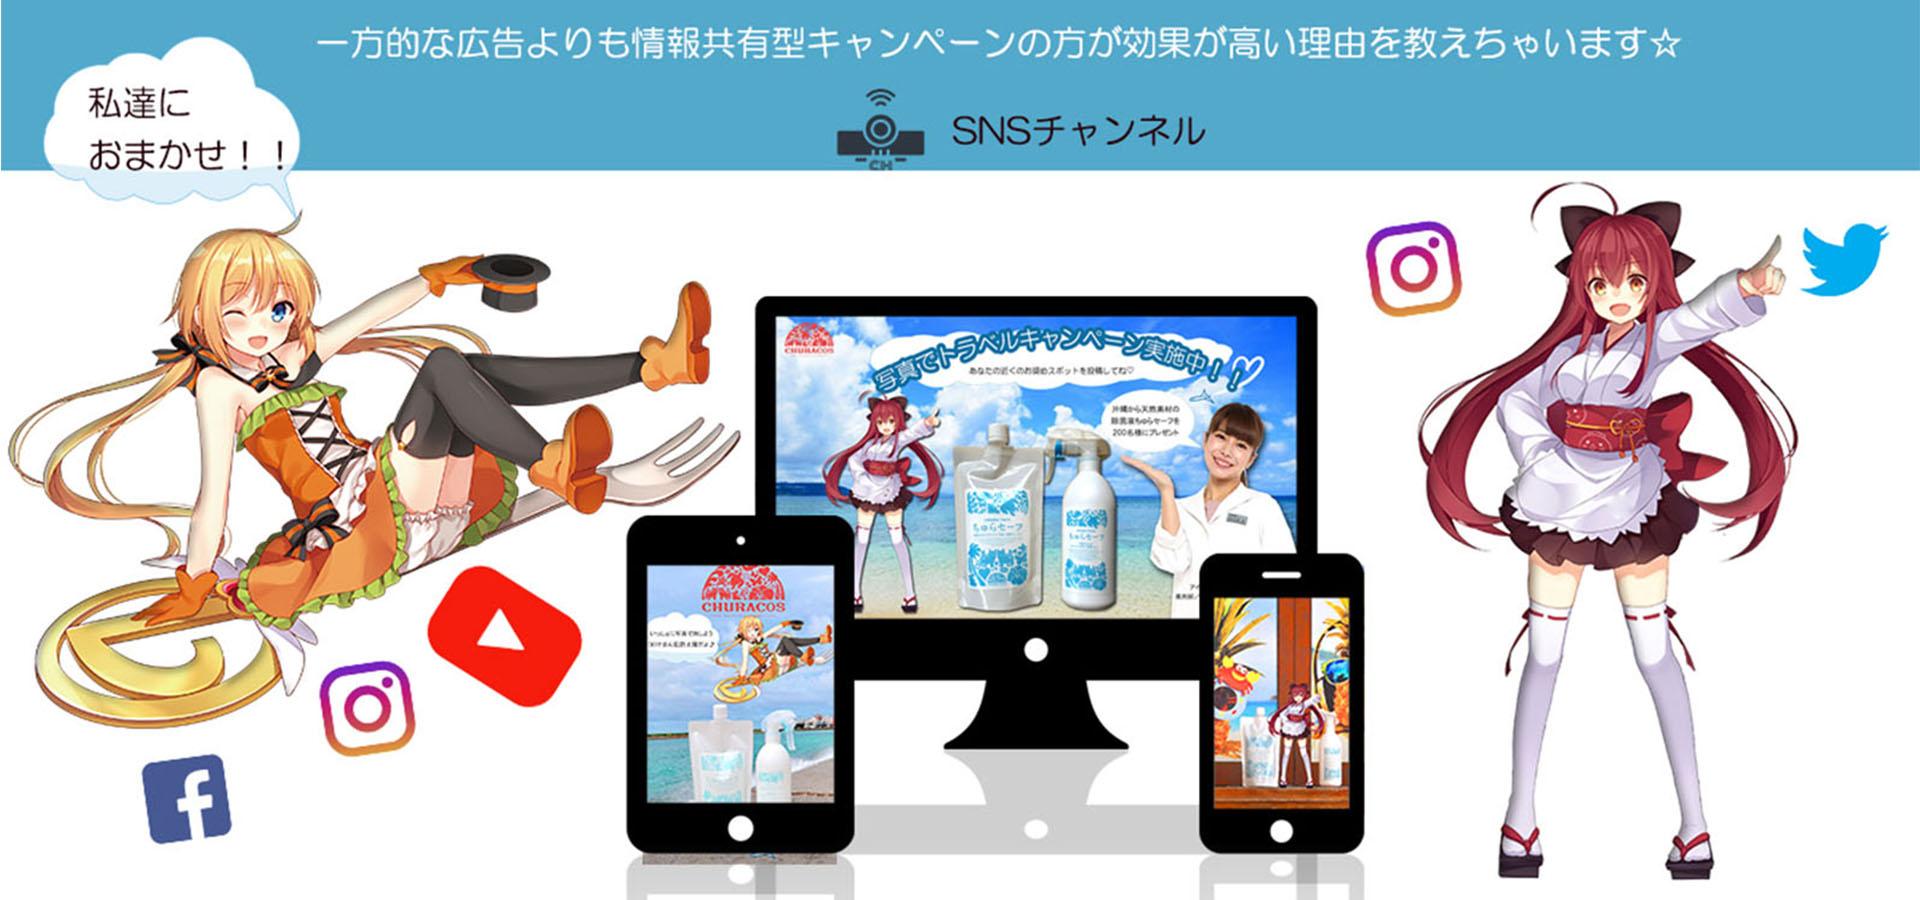 ホームページ制作会社 プロモスジャパン株式会社